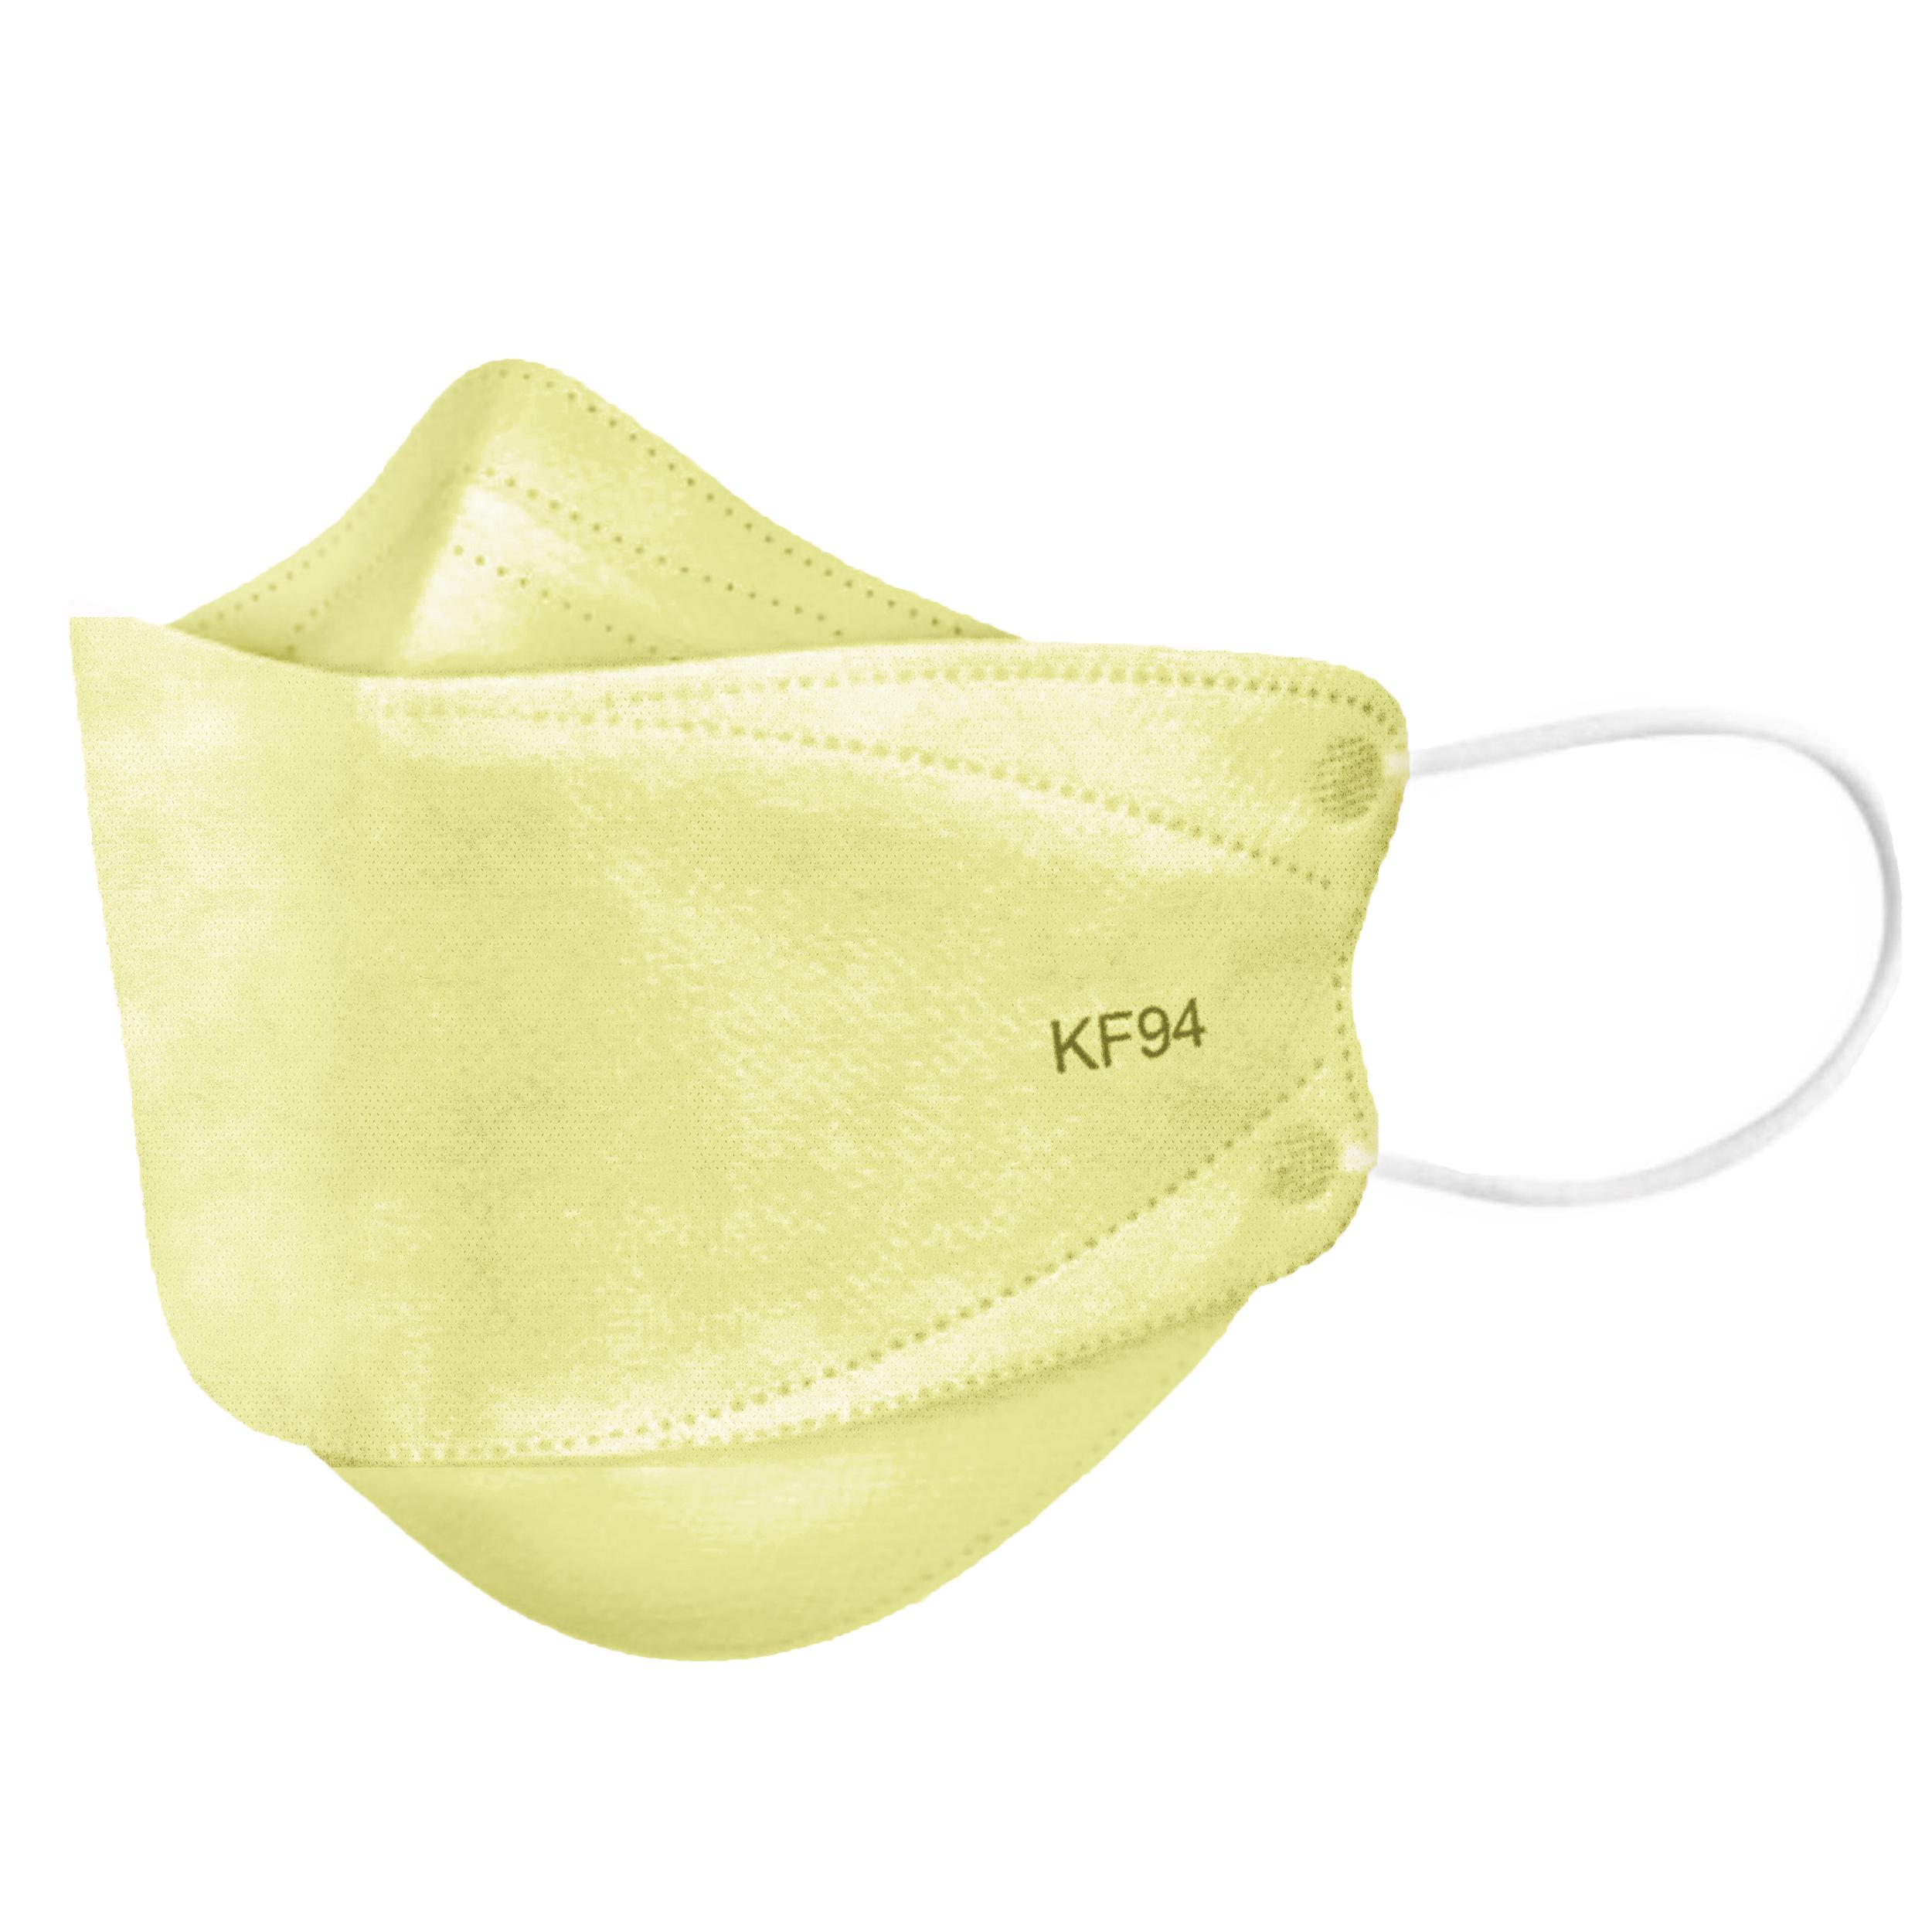 ماسک تنفسی کد 0061ZD بسته 25 عددی